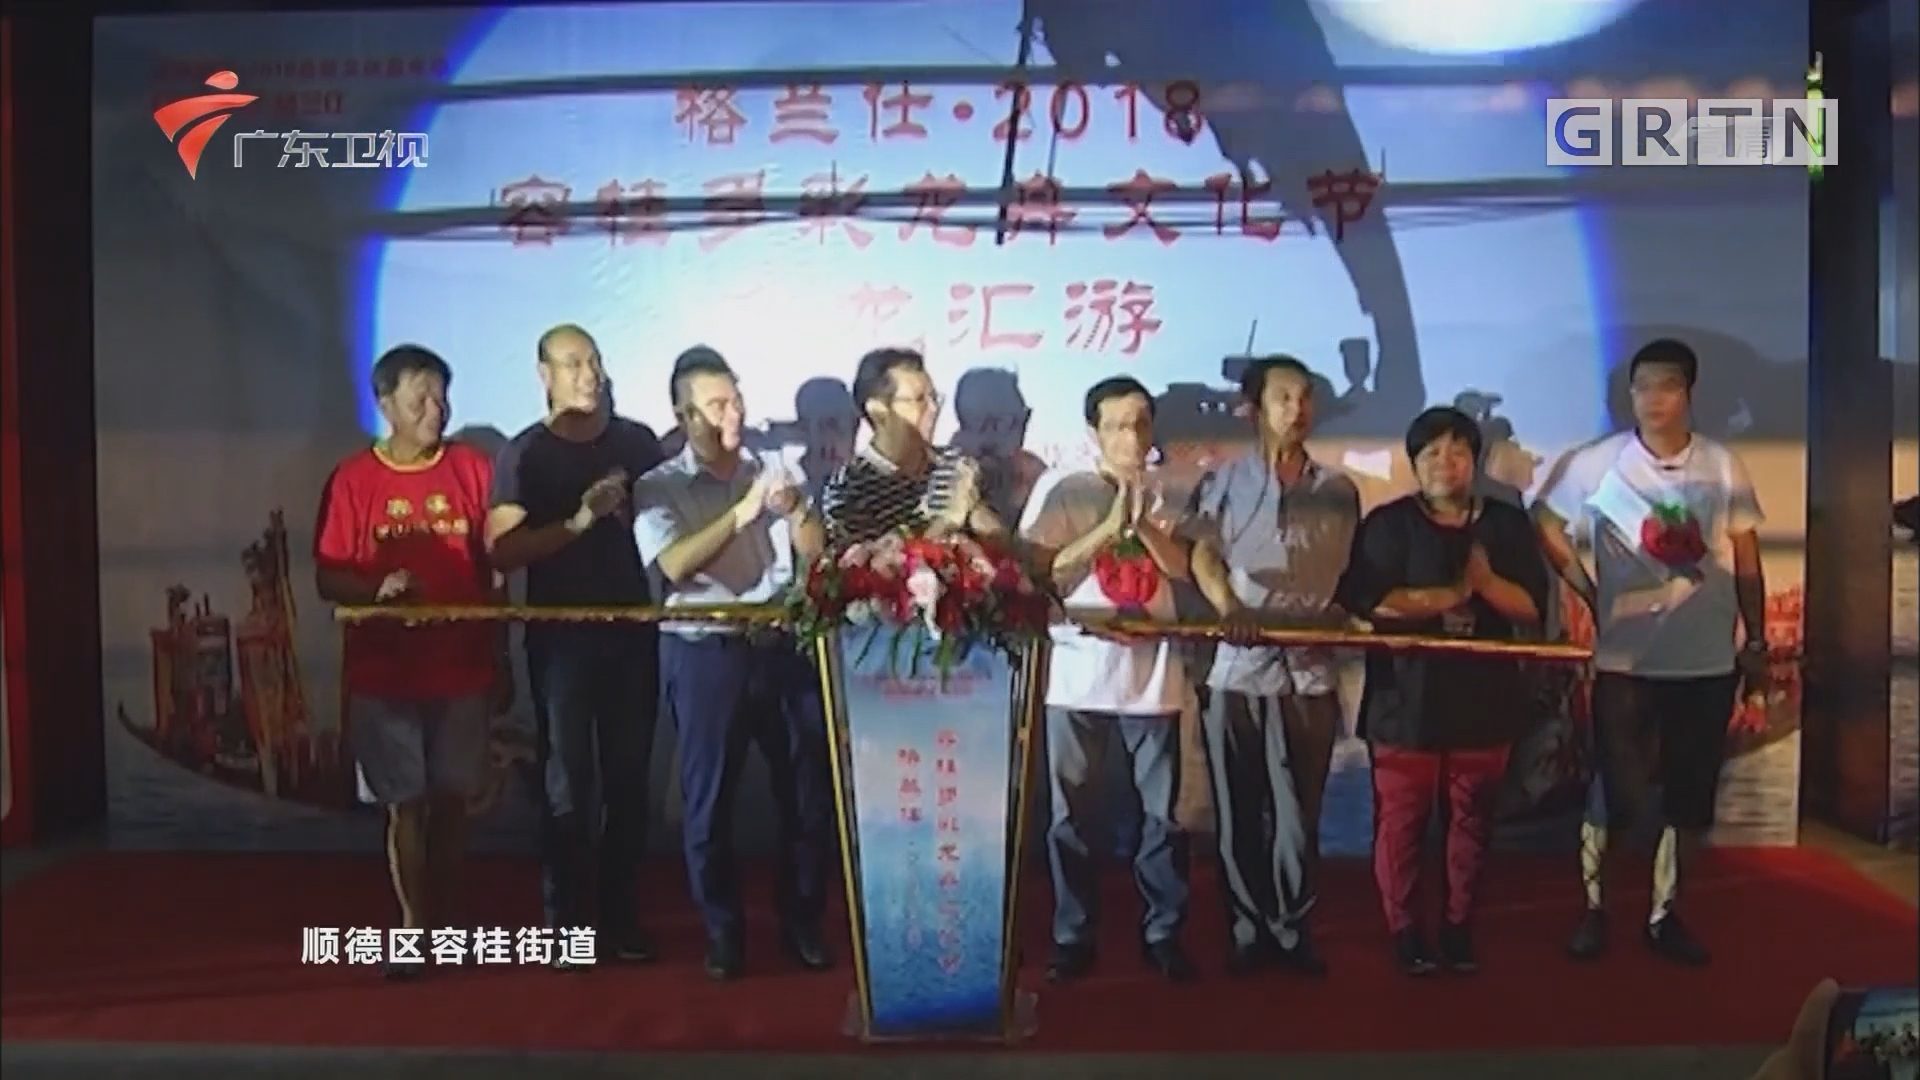 佛山顺德:传承弘扬龙舟民俗文化 助推乡村振兴